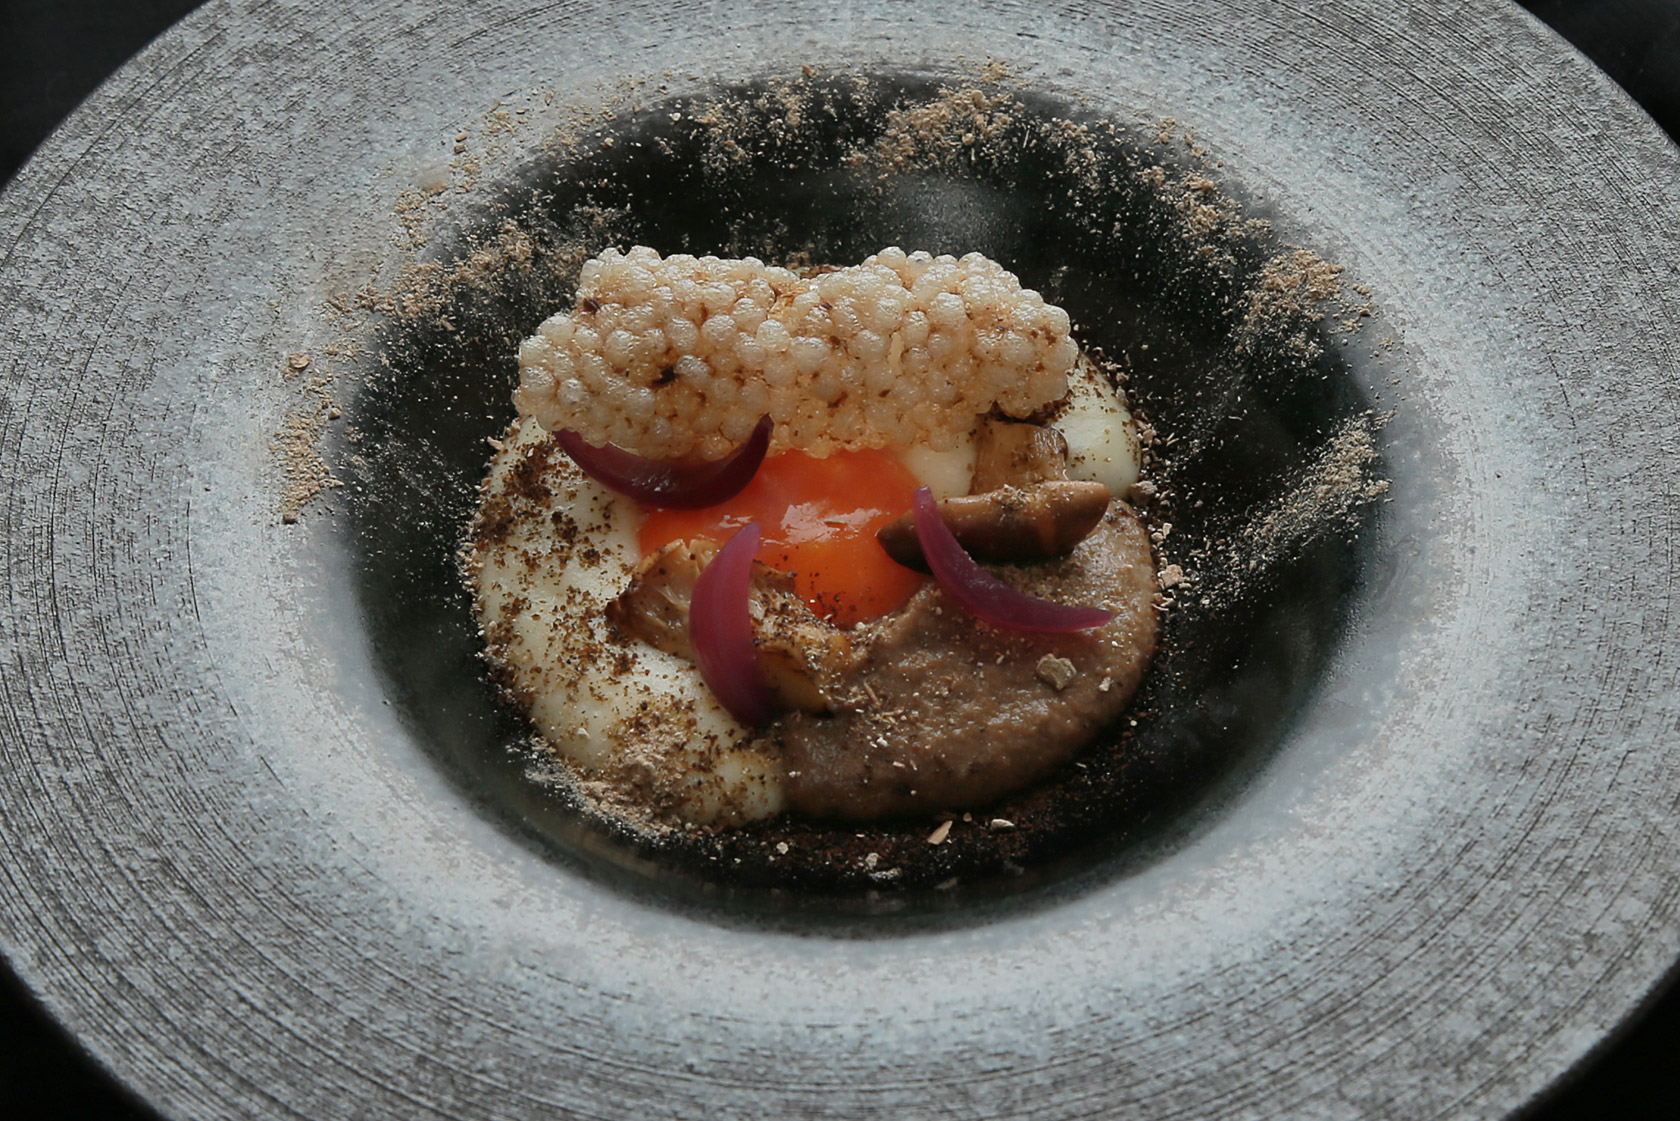 arnolfo_gaetano-trovato-chef-architetture-vegetali-1